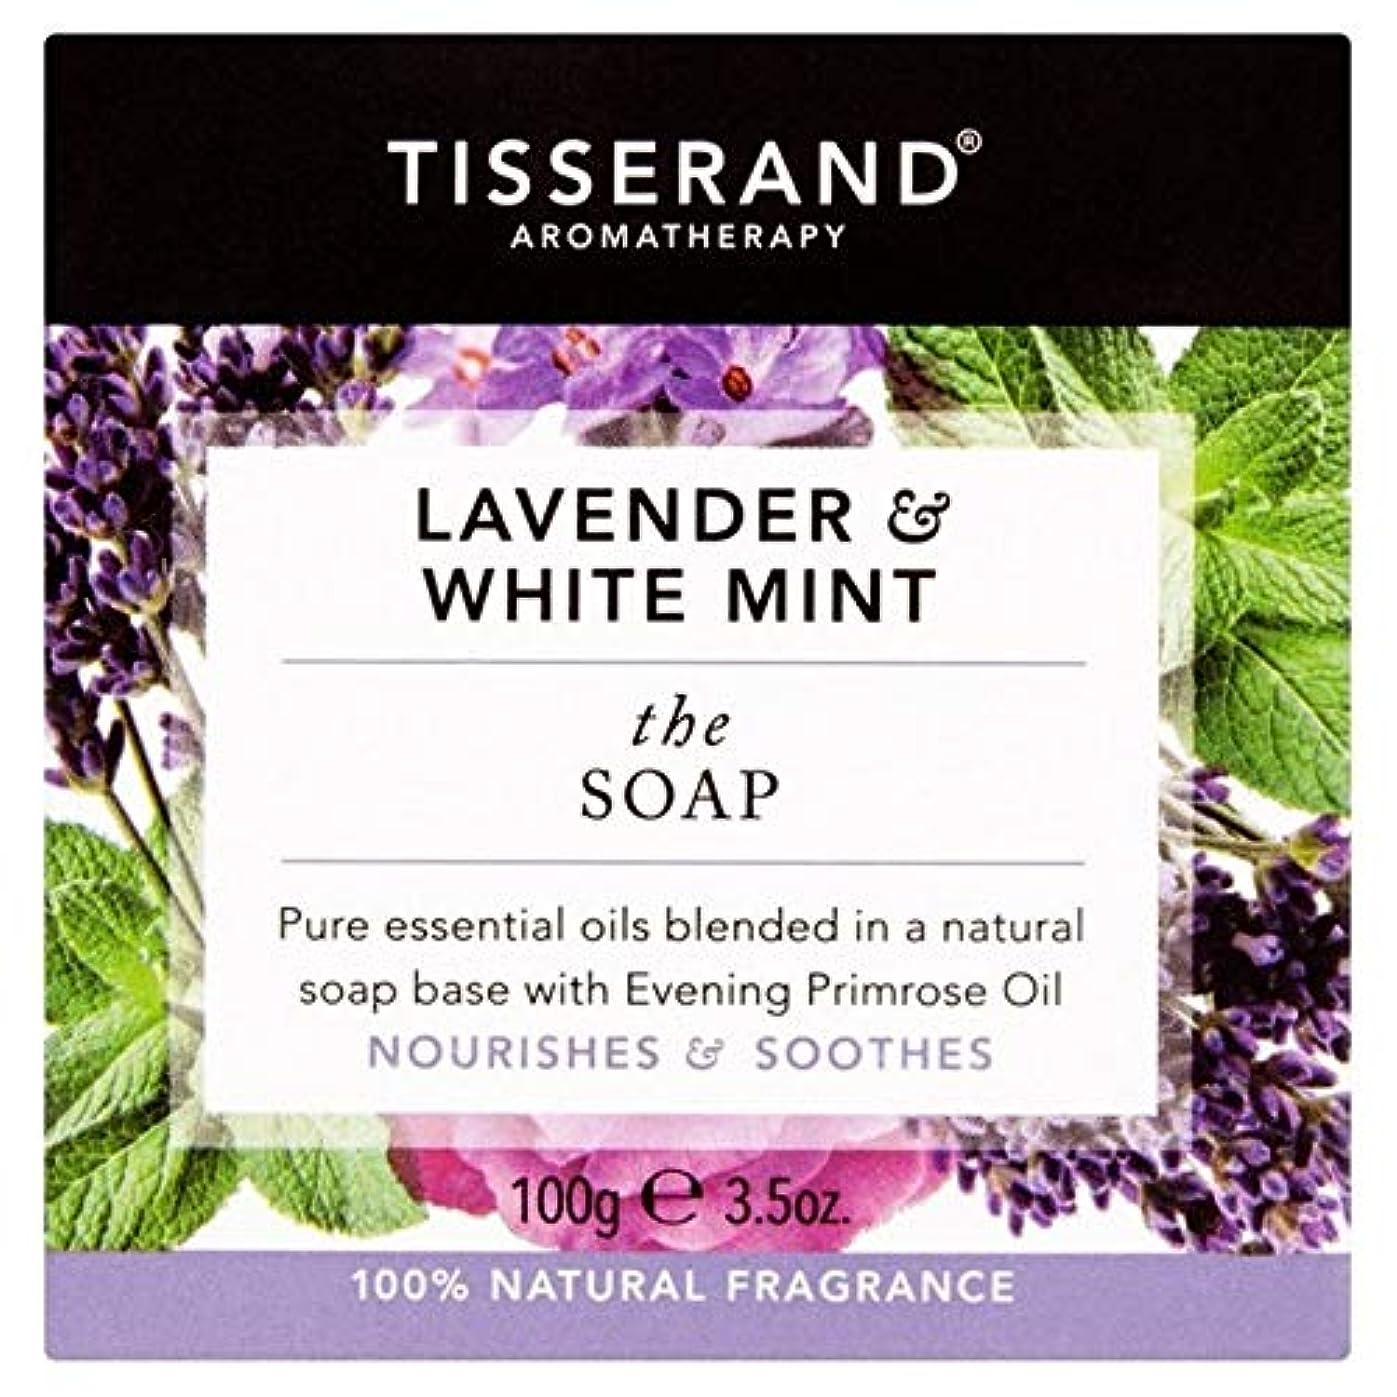 モンゴメリー恐怖安らぎ[Tisserand ] ティスランドラベンダー&ホワイトミント石鹸100グラム - Tisserand Lavender & White Mint The Soap 100g [並行輸入品]